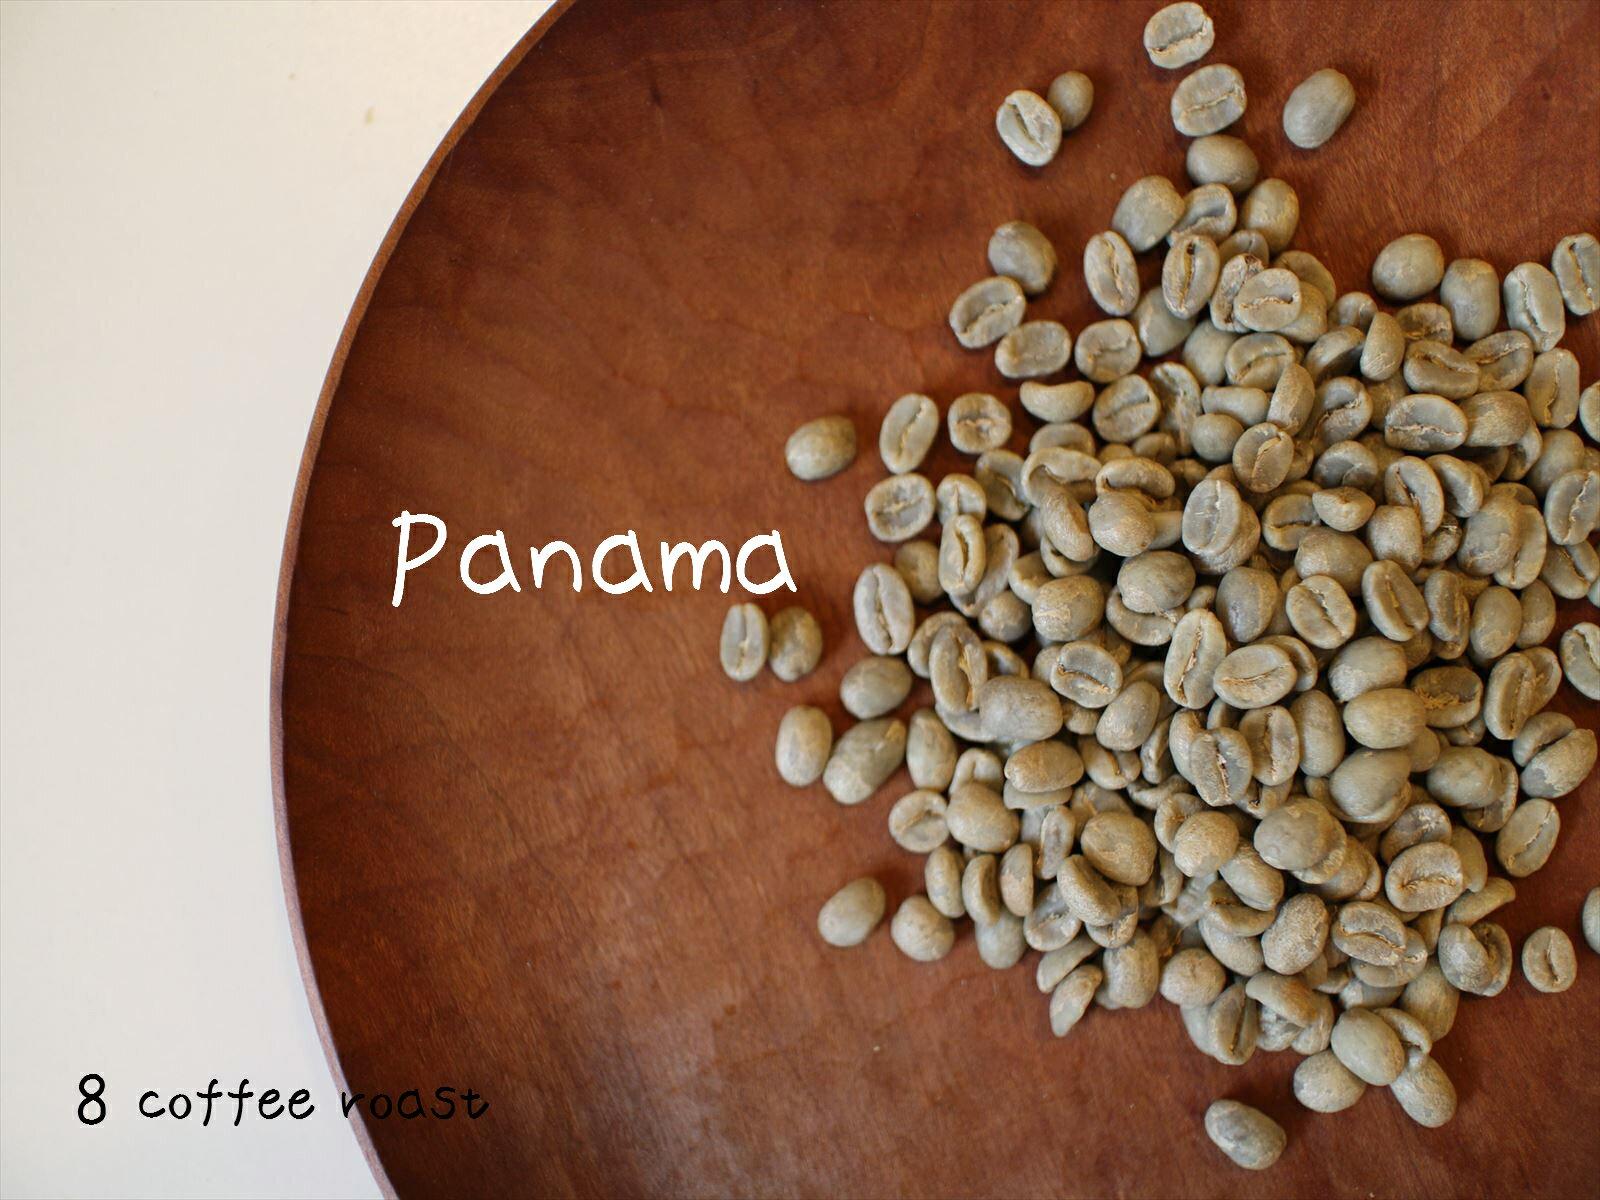 【コーヒー生豆】パナマ ラ・エスメラルダ農園(ゲイシャ種) <内容量>2kg:8coffee